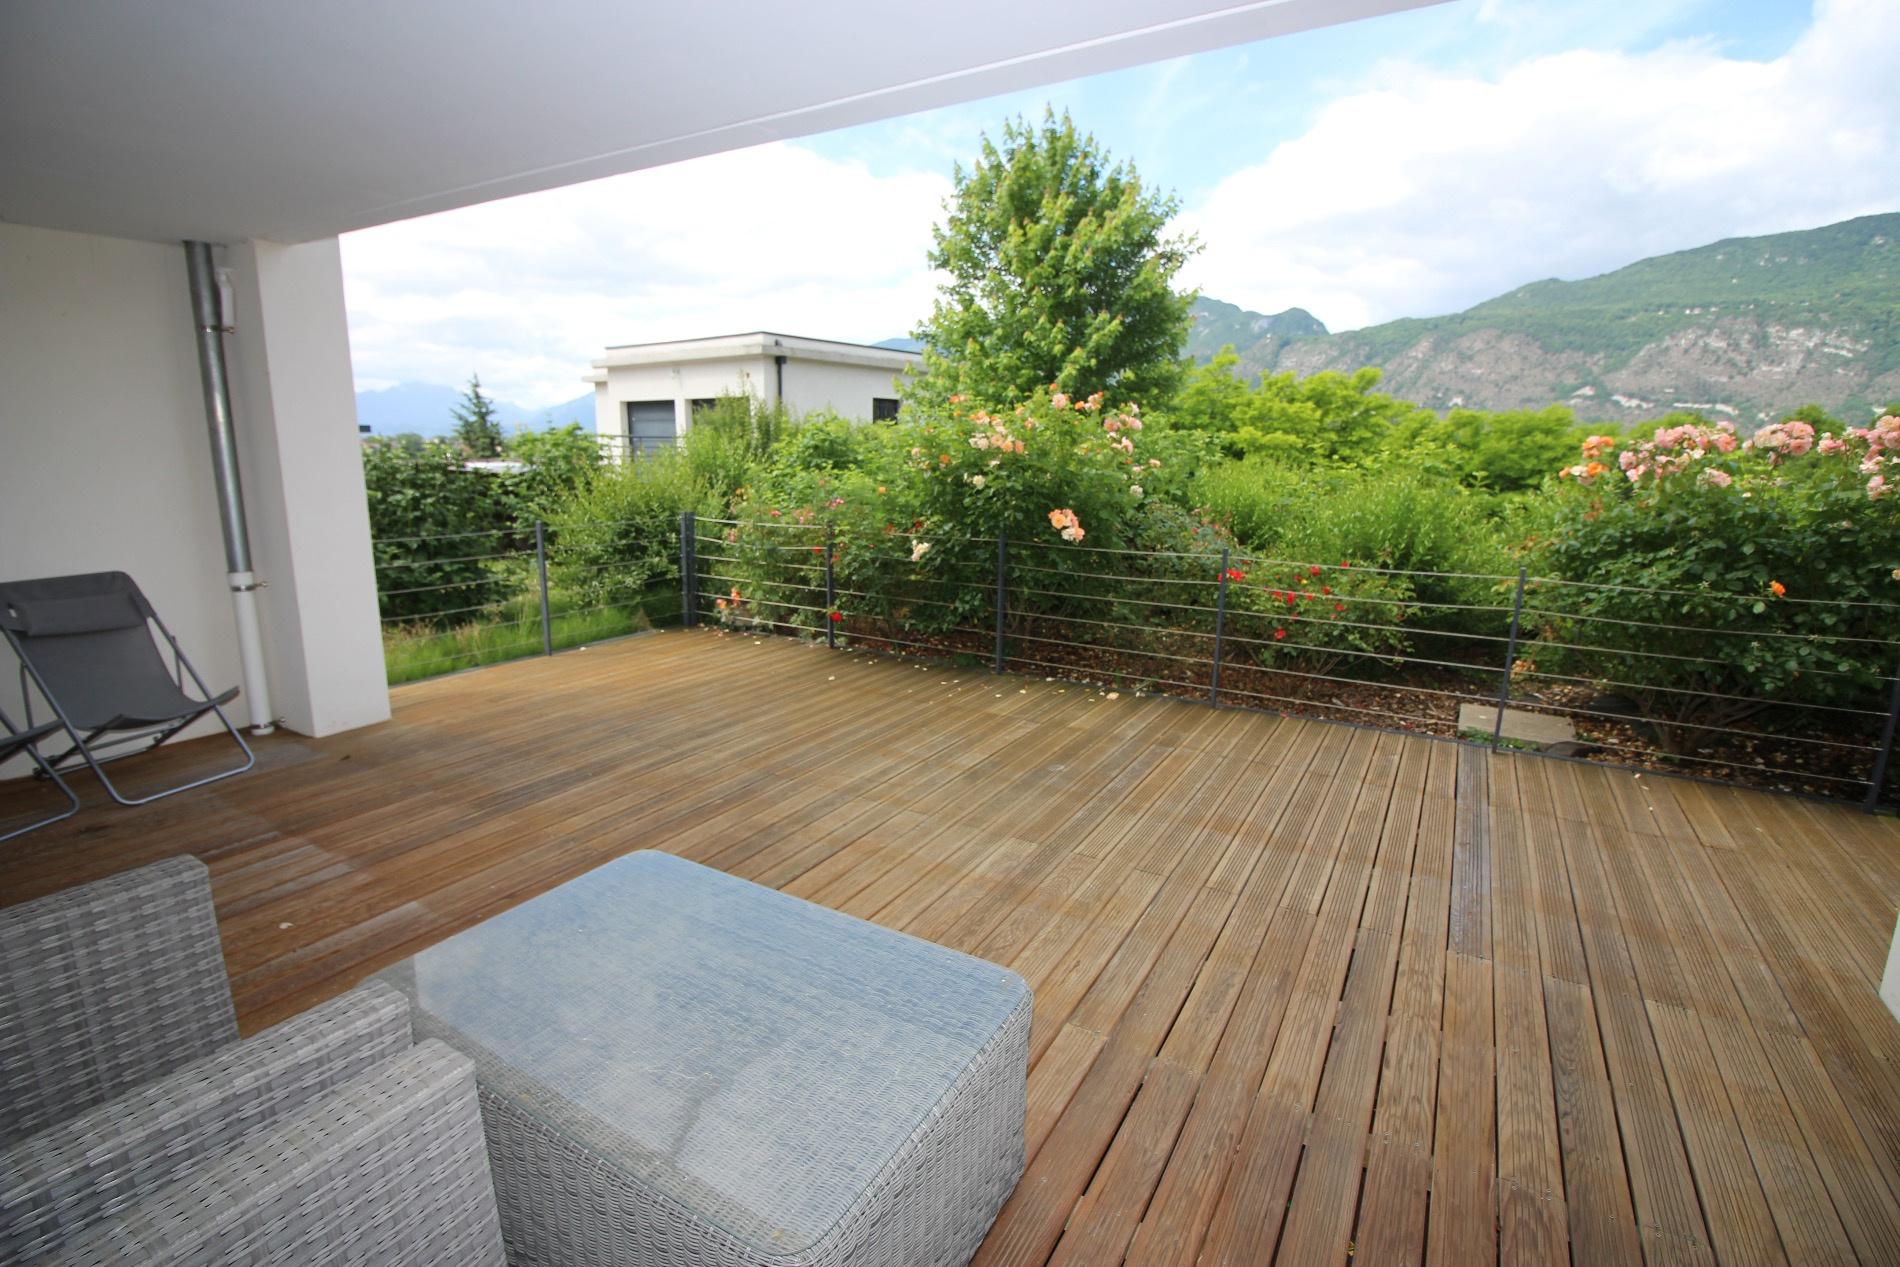 annonce vente appartement aix les bains 73100 54 m 299 000 992737965882. Black Bedroom Furniture Sets. Home Design Ideas